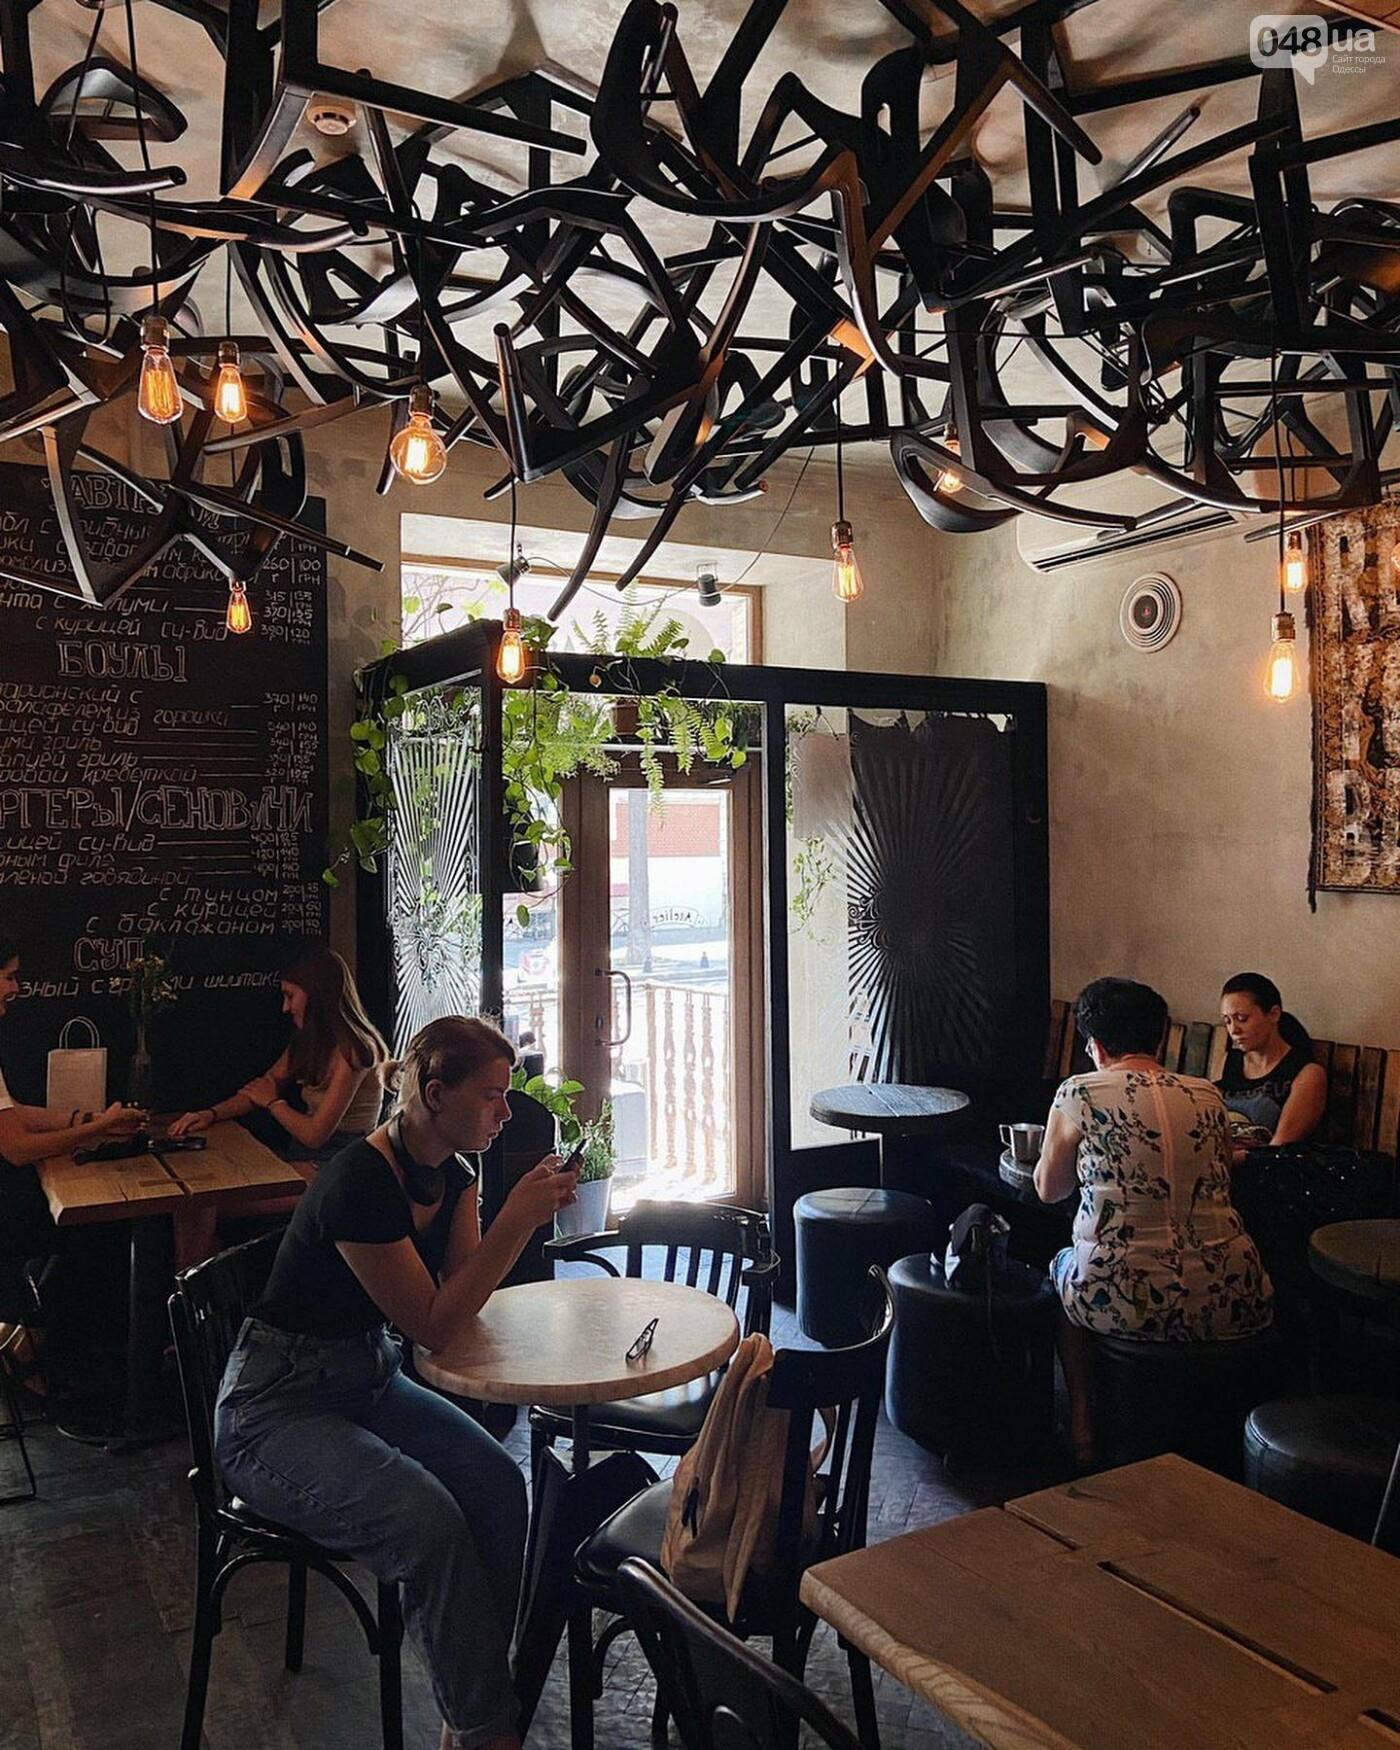 """Названы лучшие кафе и рестораны Одессы по версии премии """"Соль"""" 2021, фото-1"""